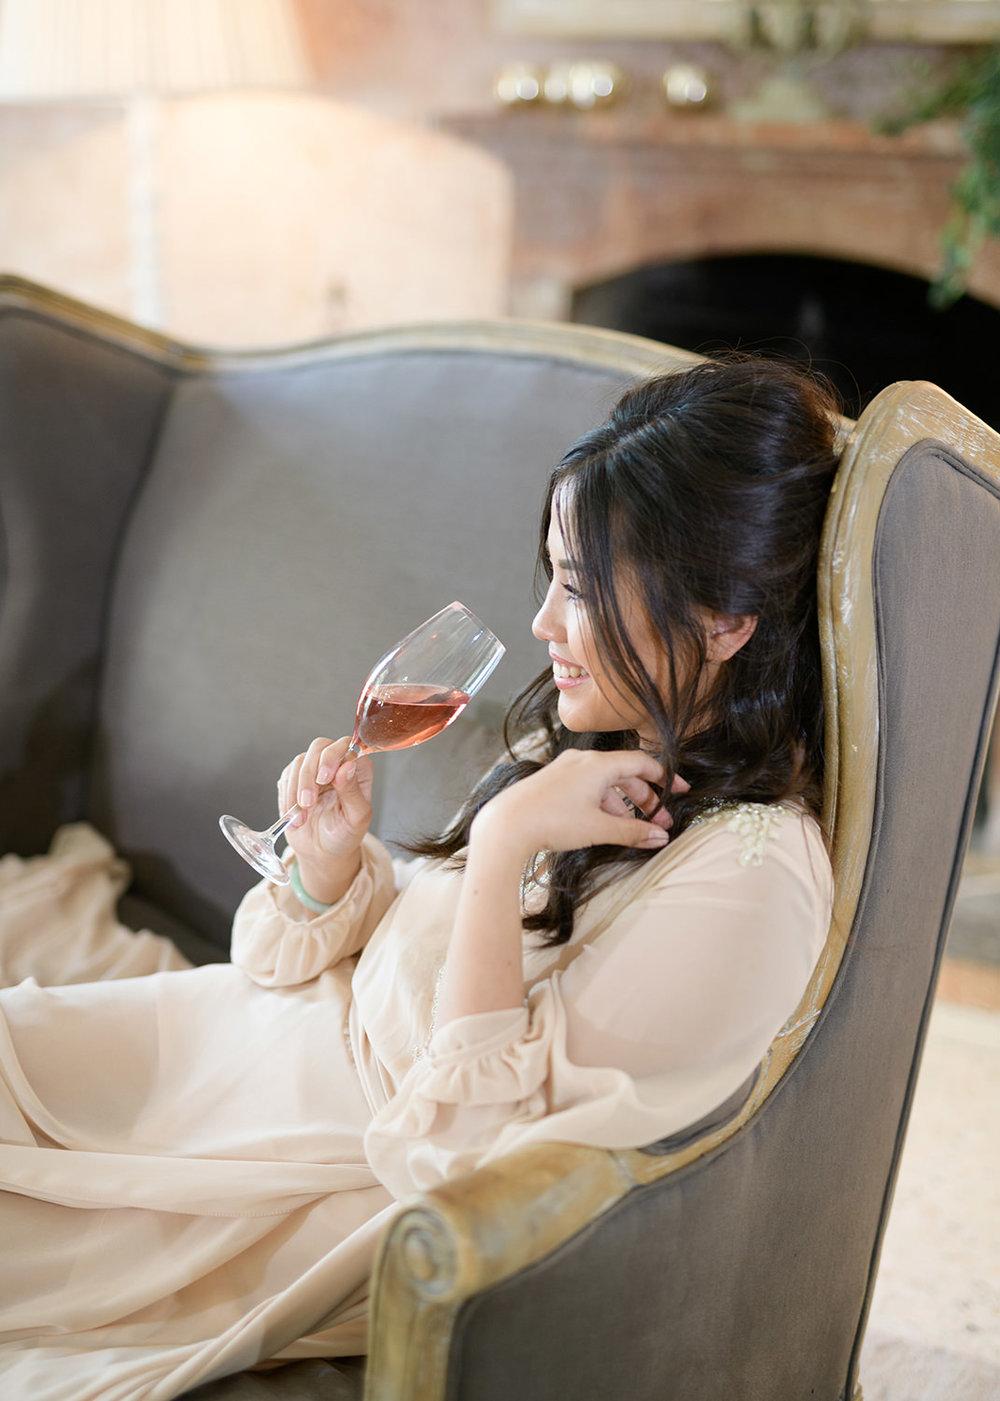 villa-regina-teodolinda-wedding-photographer-C&B-©bottega53-31.JPG